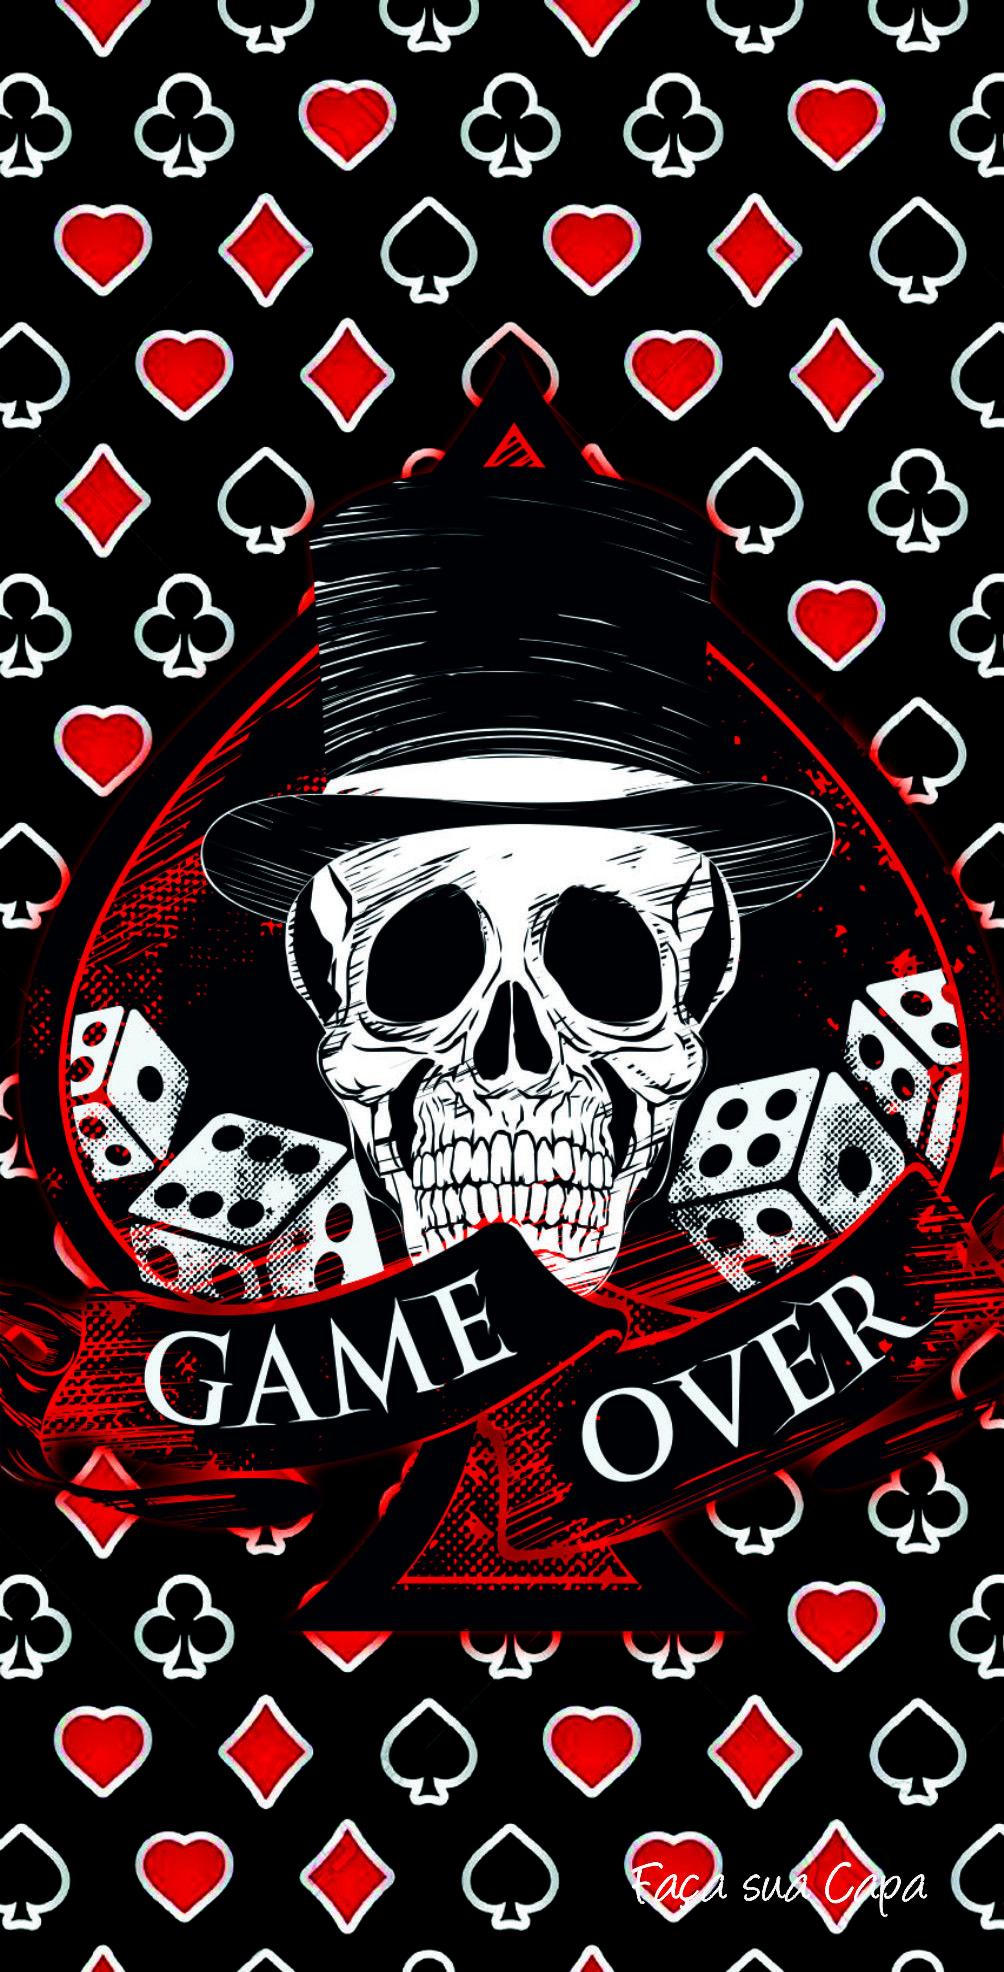 GAME OVER | experiencias en 2019 | Pinterest | Fondos de pantalla calaveras, Fondos y Fondos de ...